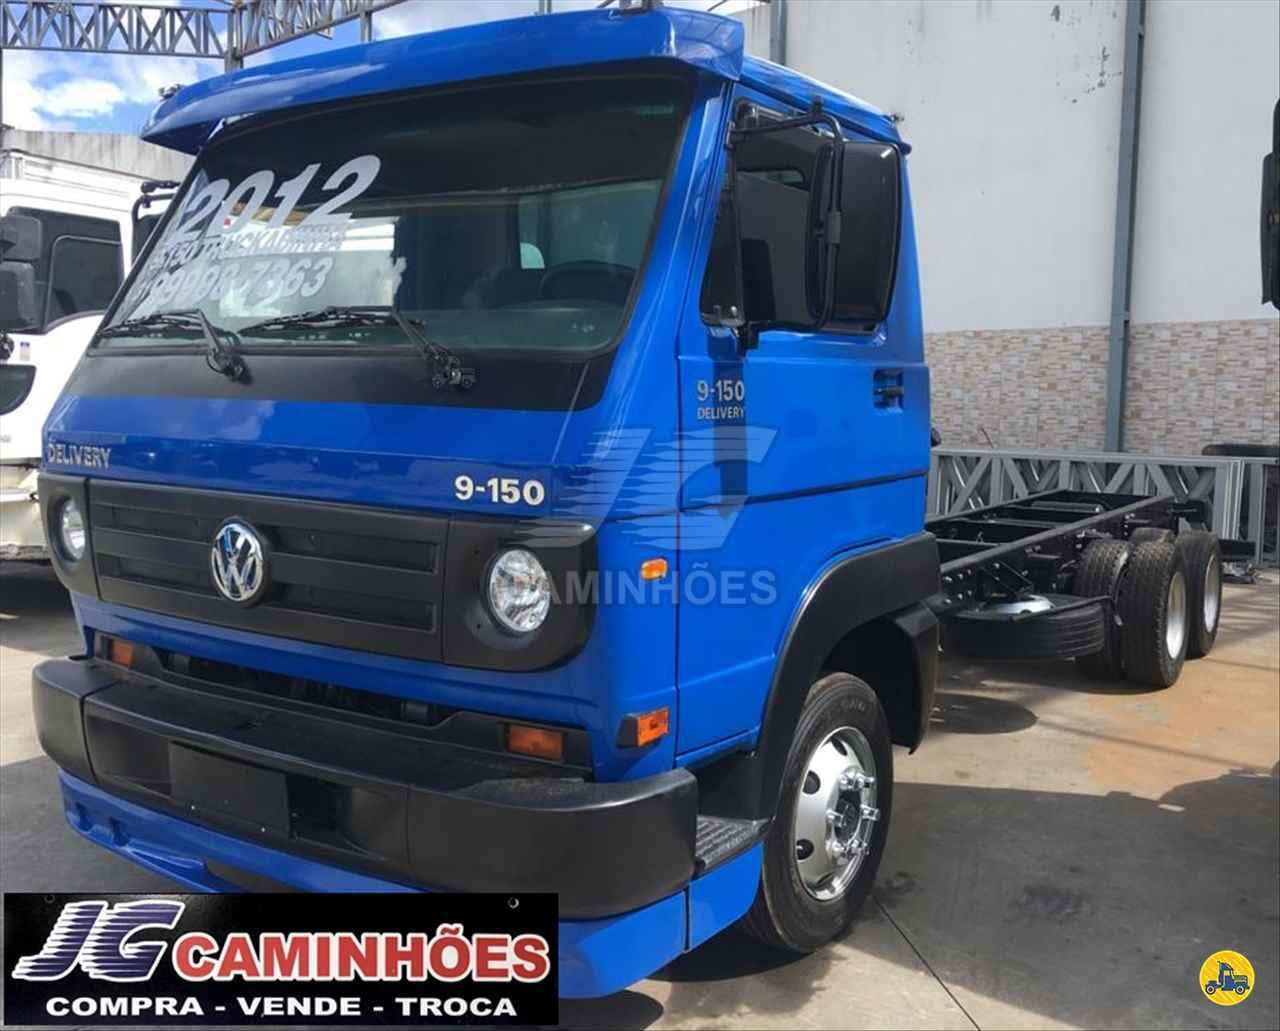 CAMINHAO VOLKSWAGEN VW 9150 Chassis 3/4 4x2 JG Caminhões JOAO MONLEVADE MINAS GERAIS MG